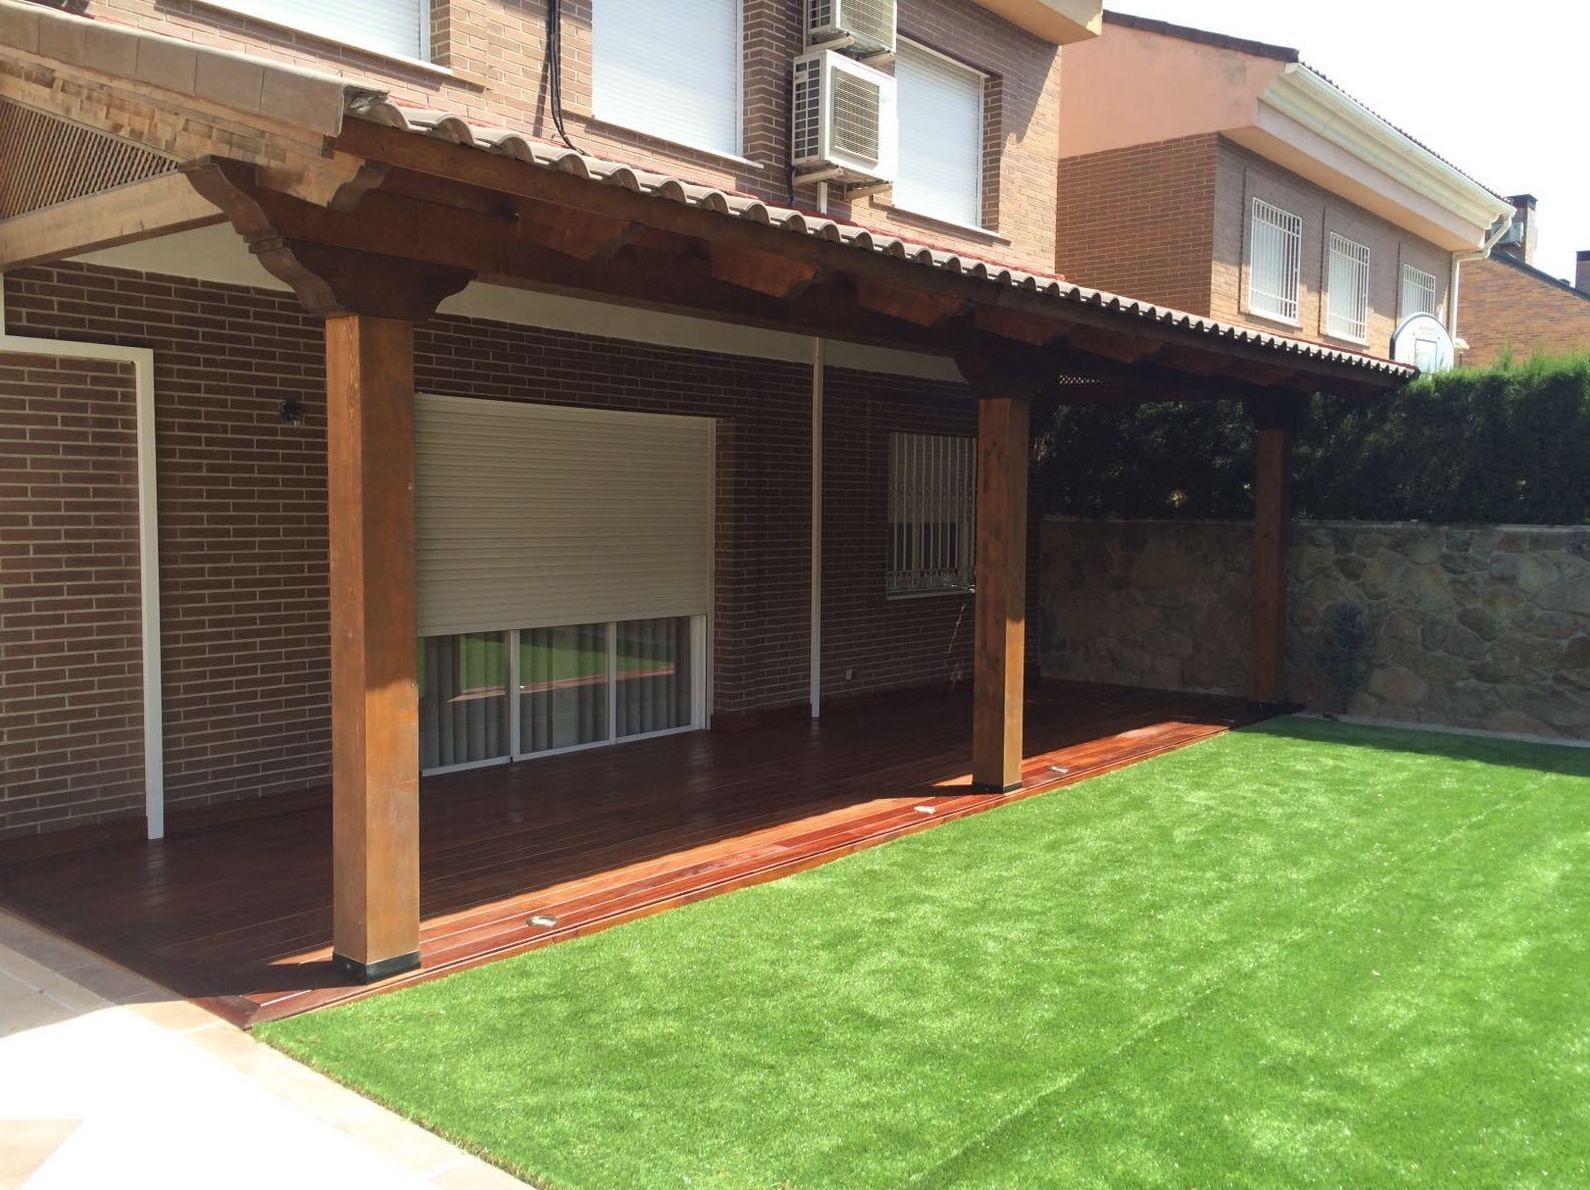 Suelo terraza madera ideas de disenos for Disenos de terrazas de madera